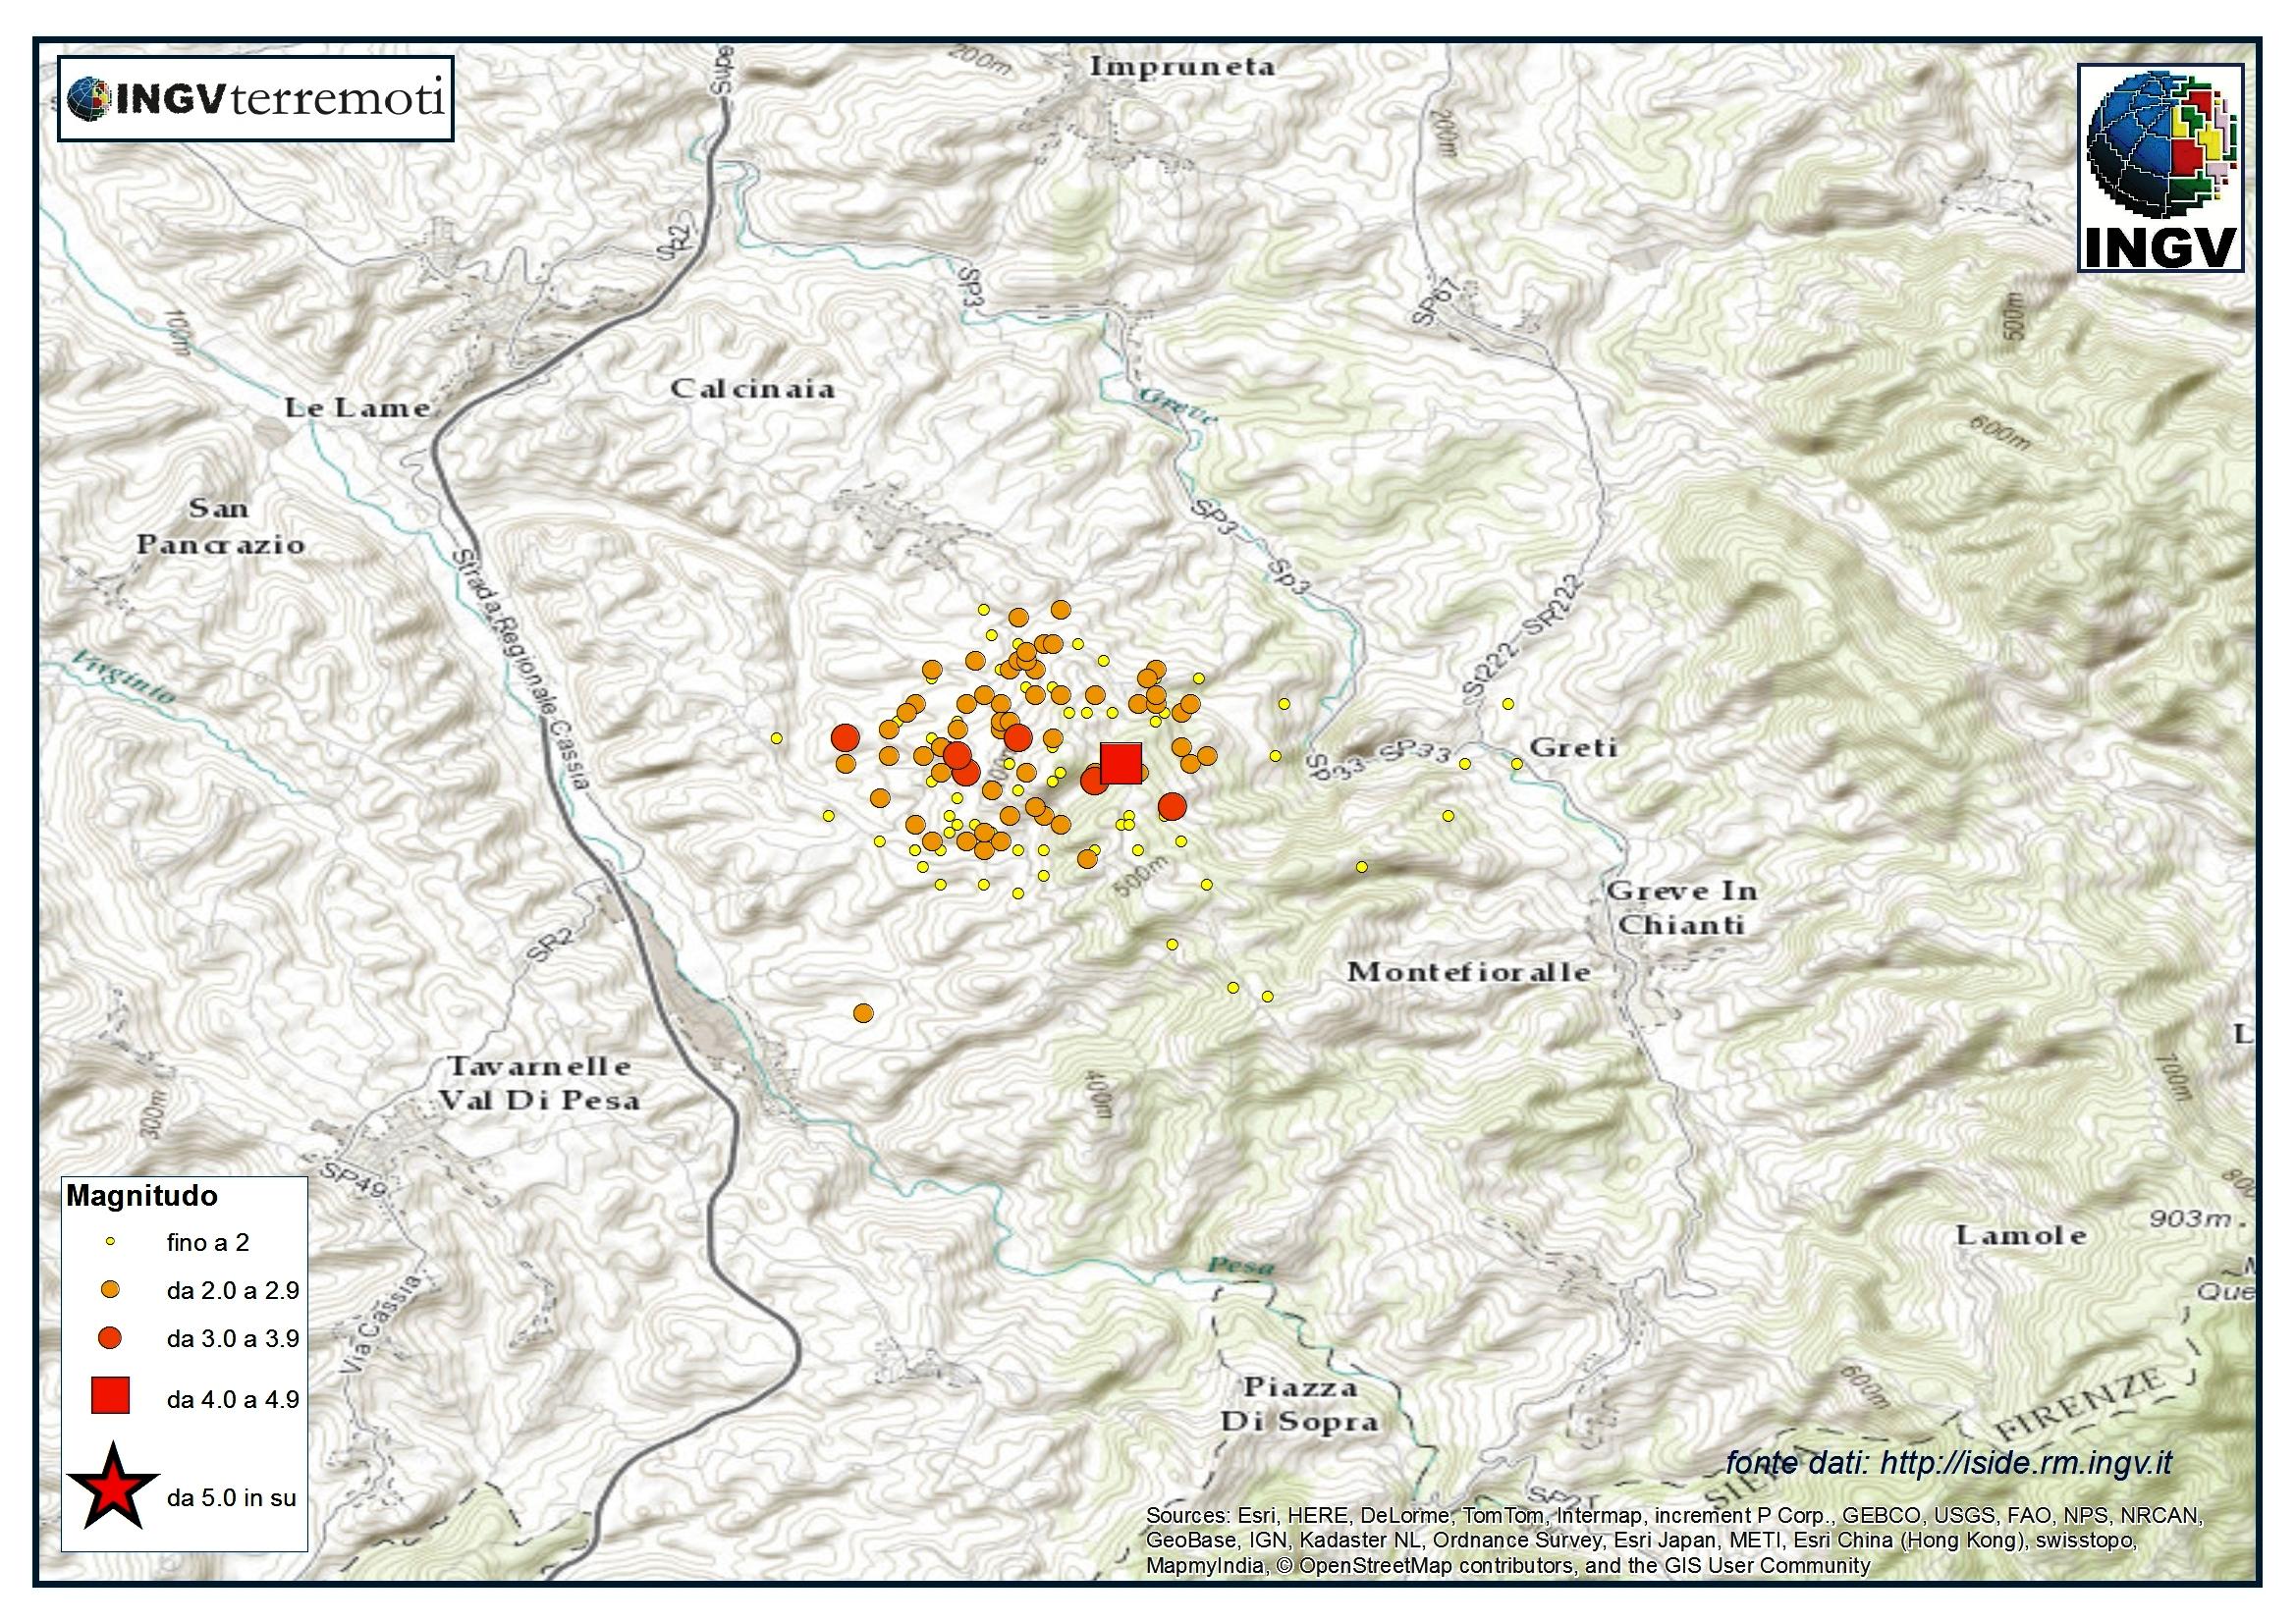 Terremoti in provincia di firenze aggiornamento e for Ingv lista terremoti di oggi